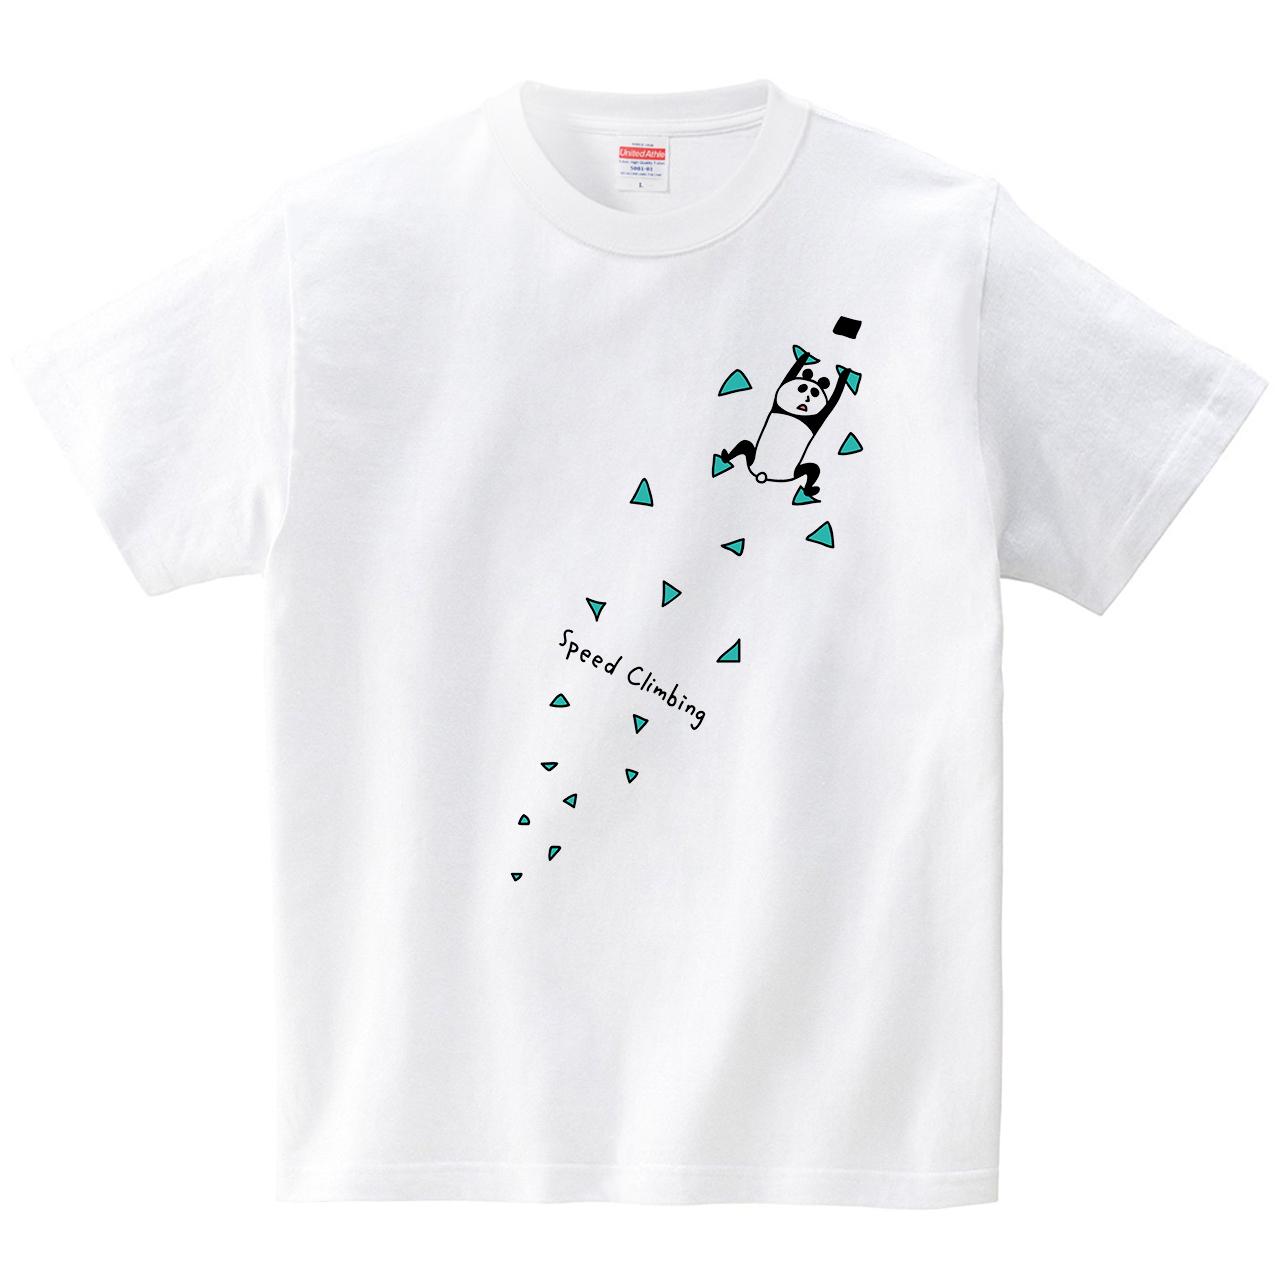 スピードクライミングのパンダ(Tシャツ・ホワイト)(オワリ)